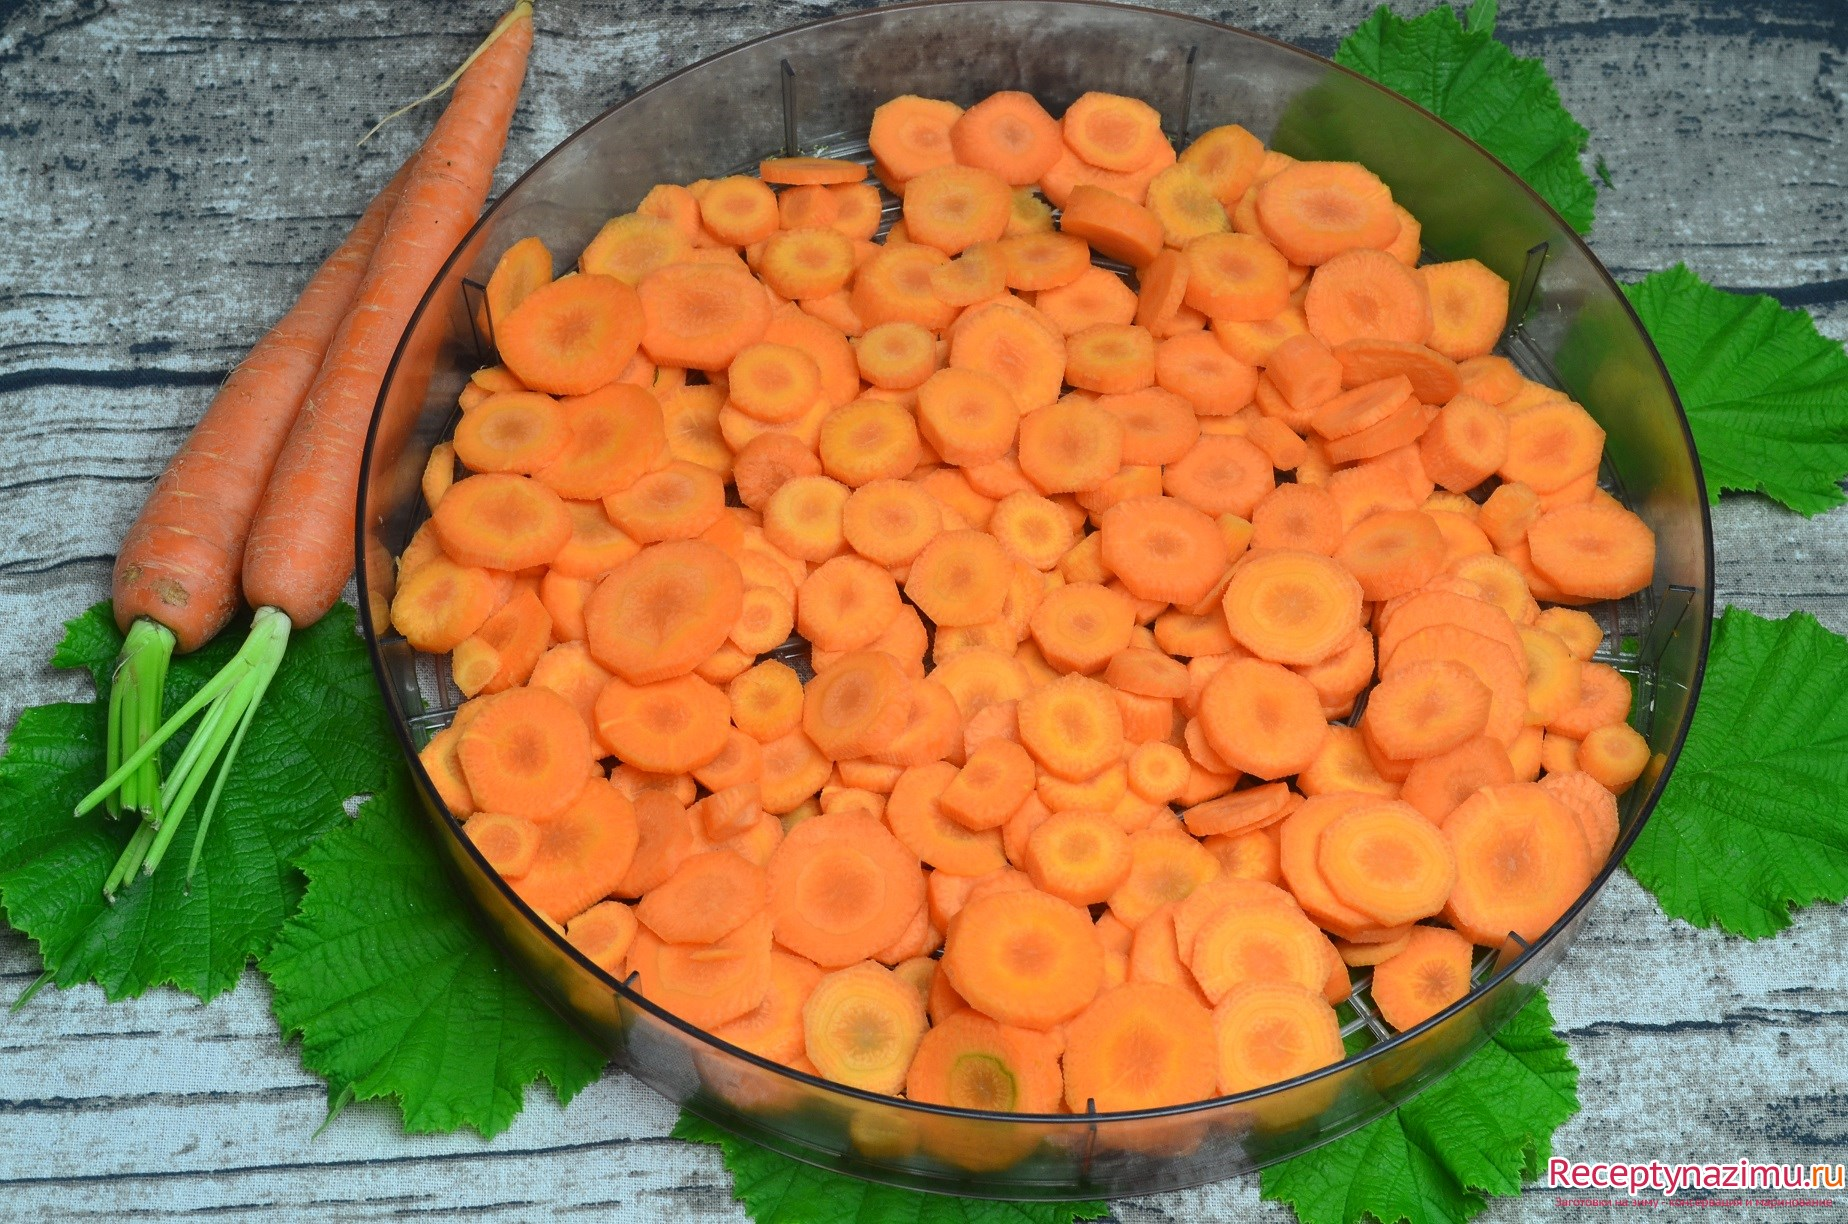 Как в домашних условиях сушить морковь в 408